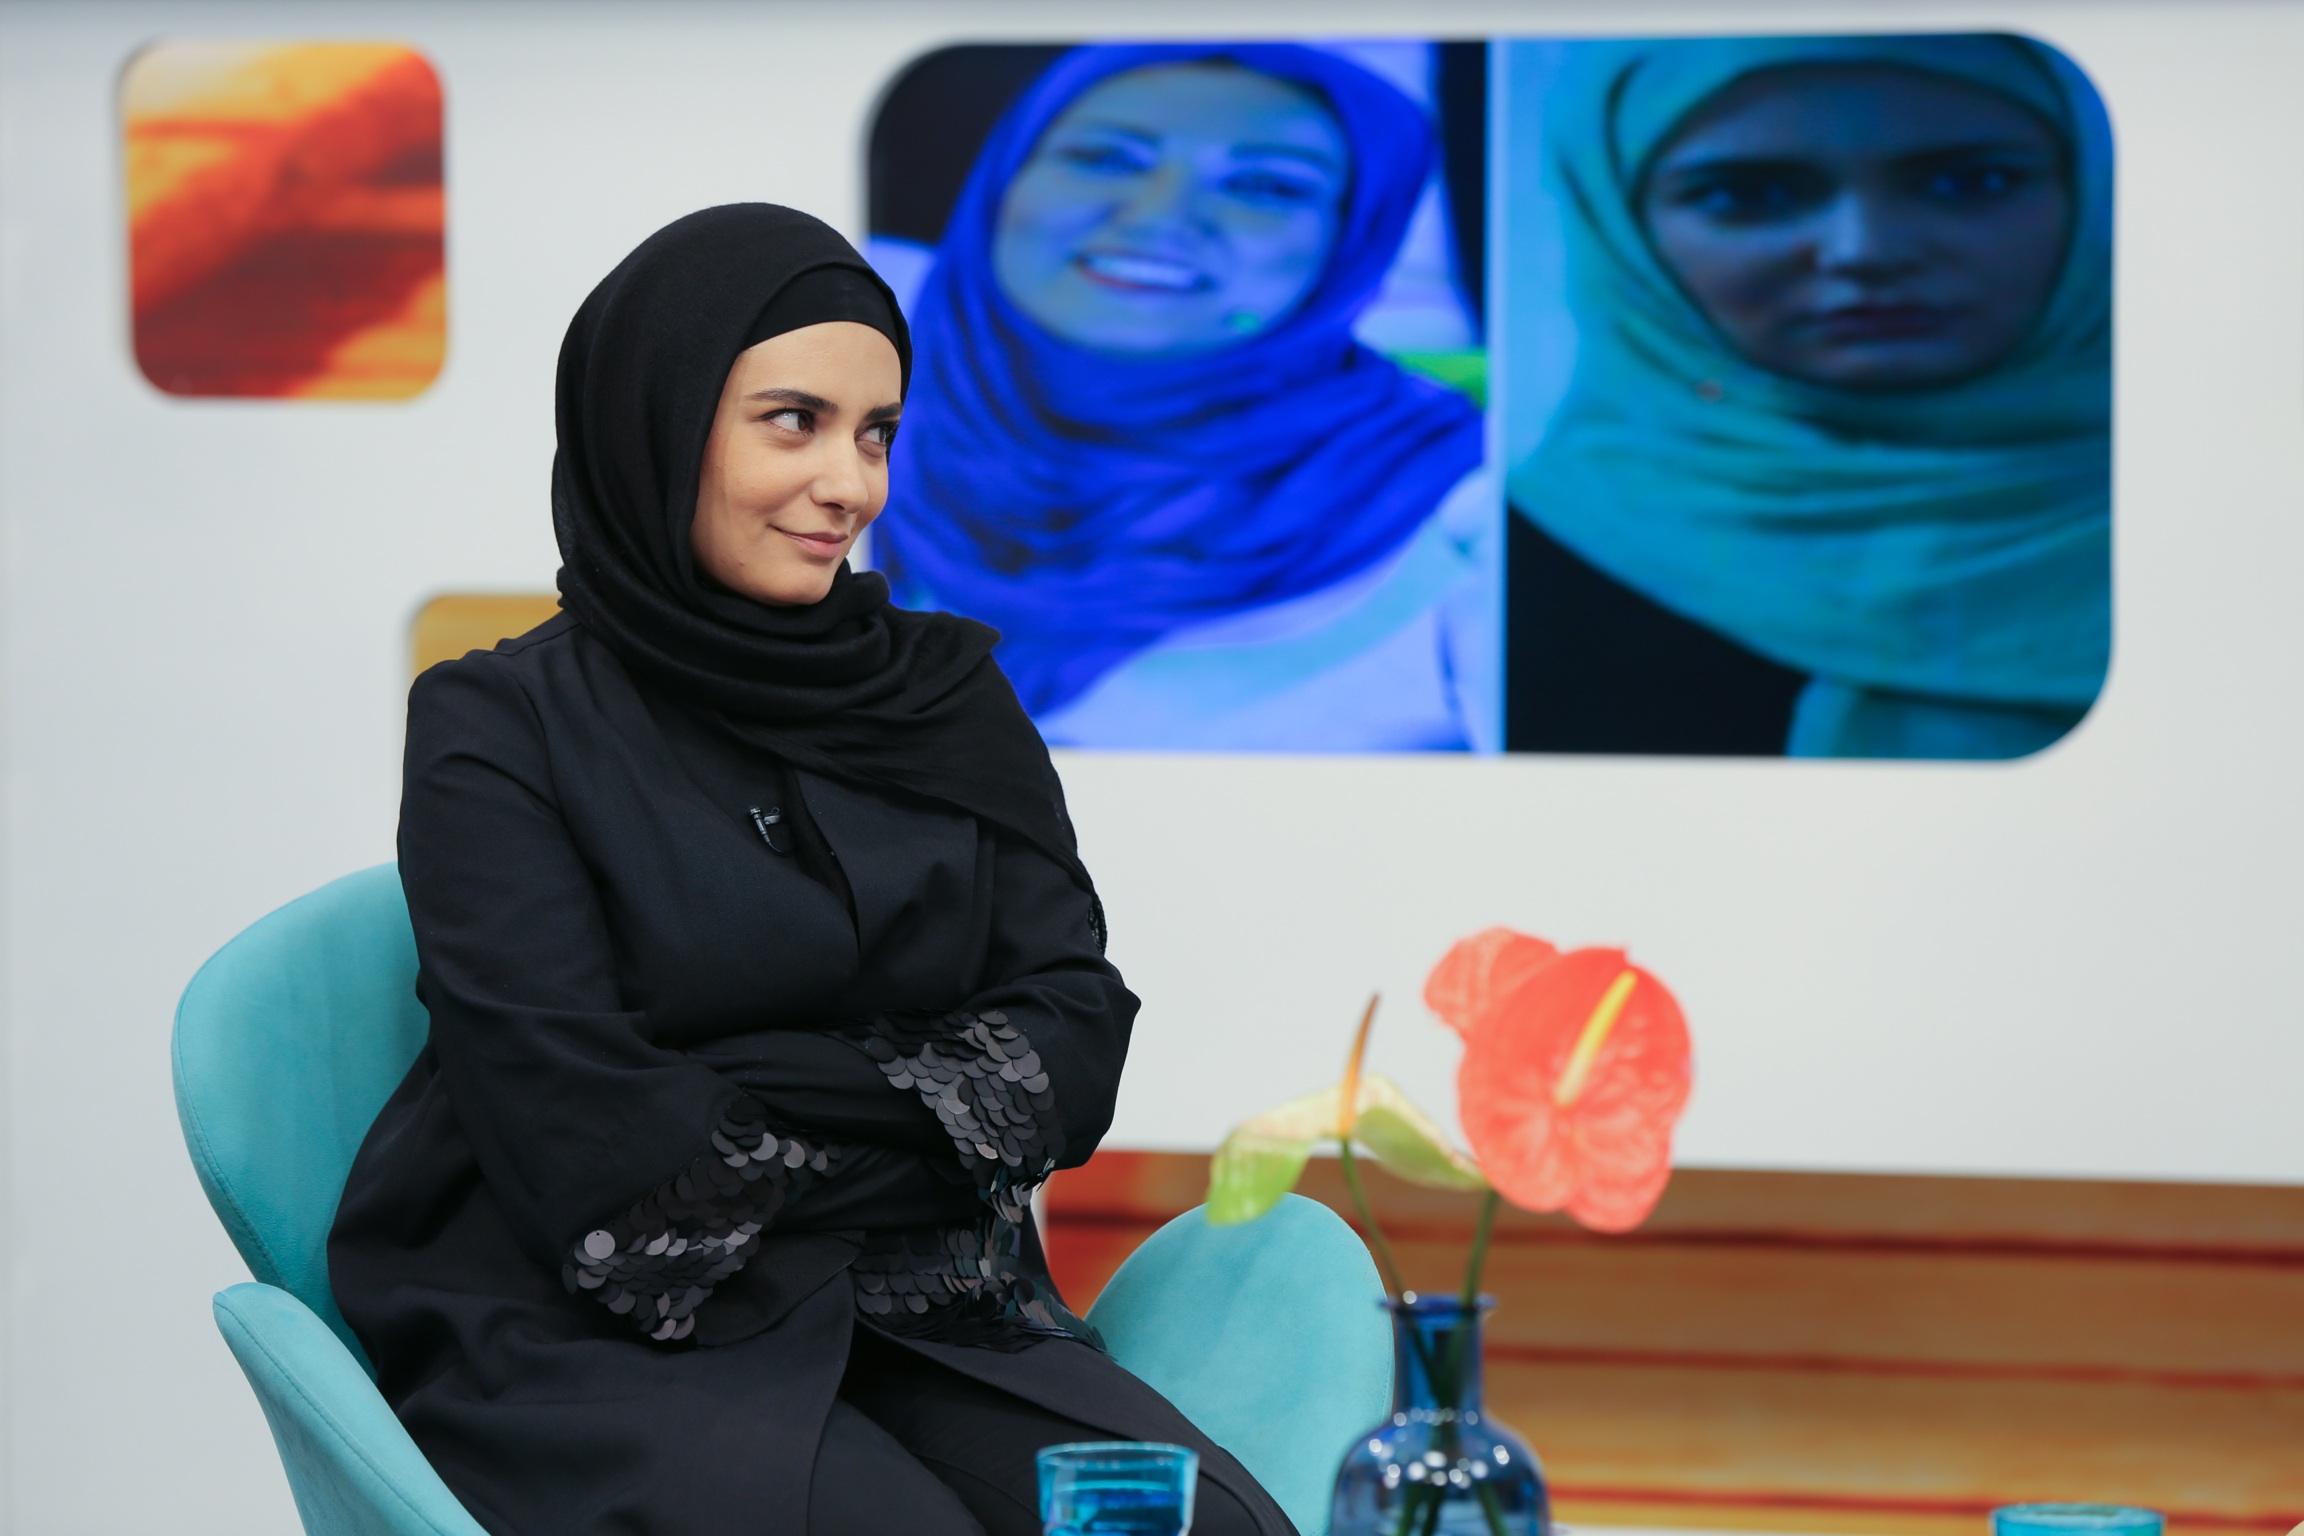 لیندا کیانی: حسن فتحی از بازی من خوشش نیامد/ بازیگر مغزهای کوچک زنگزده در فستیوال کن!